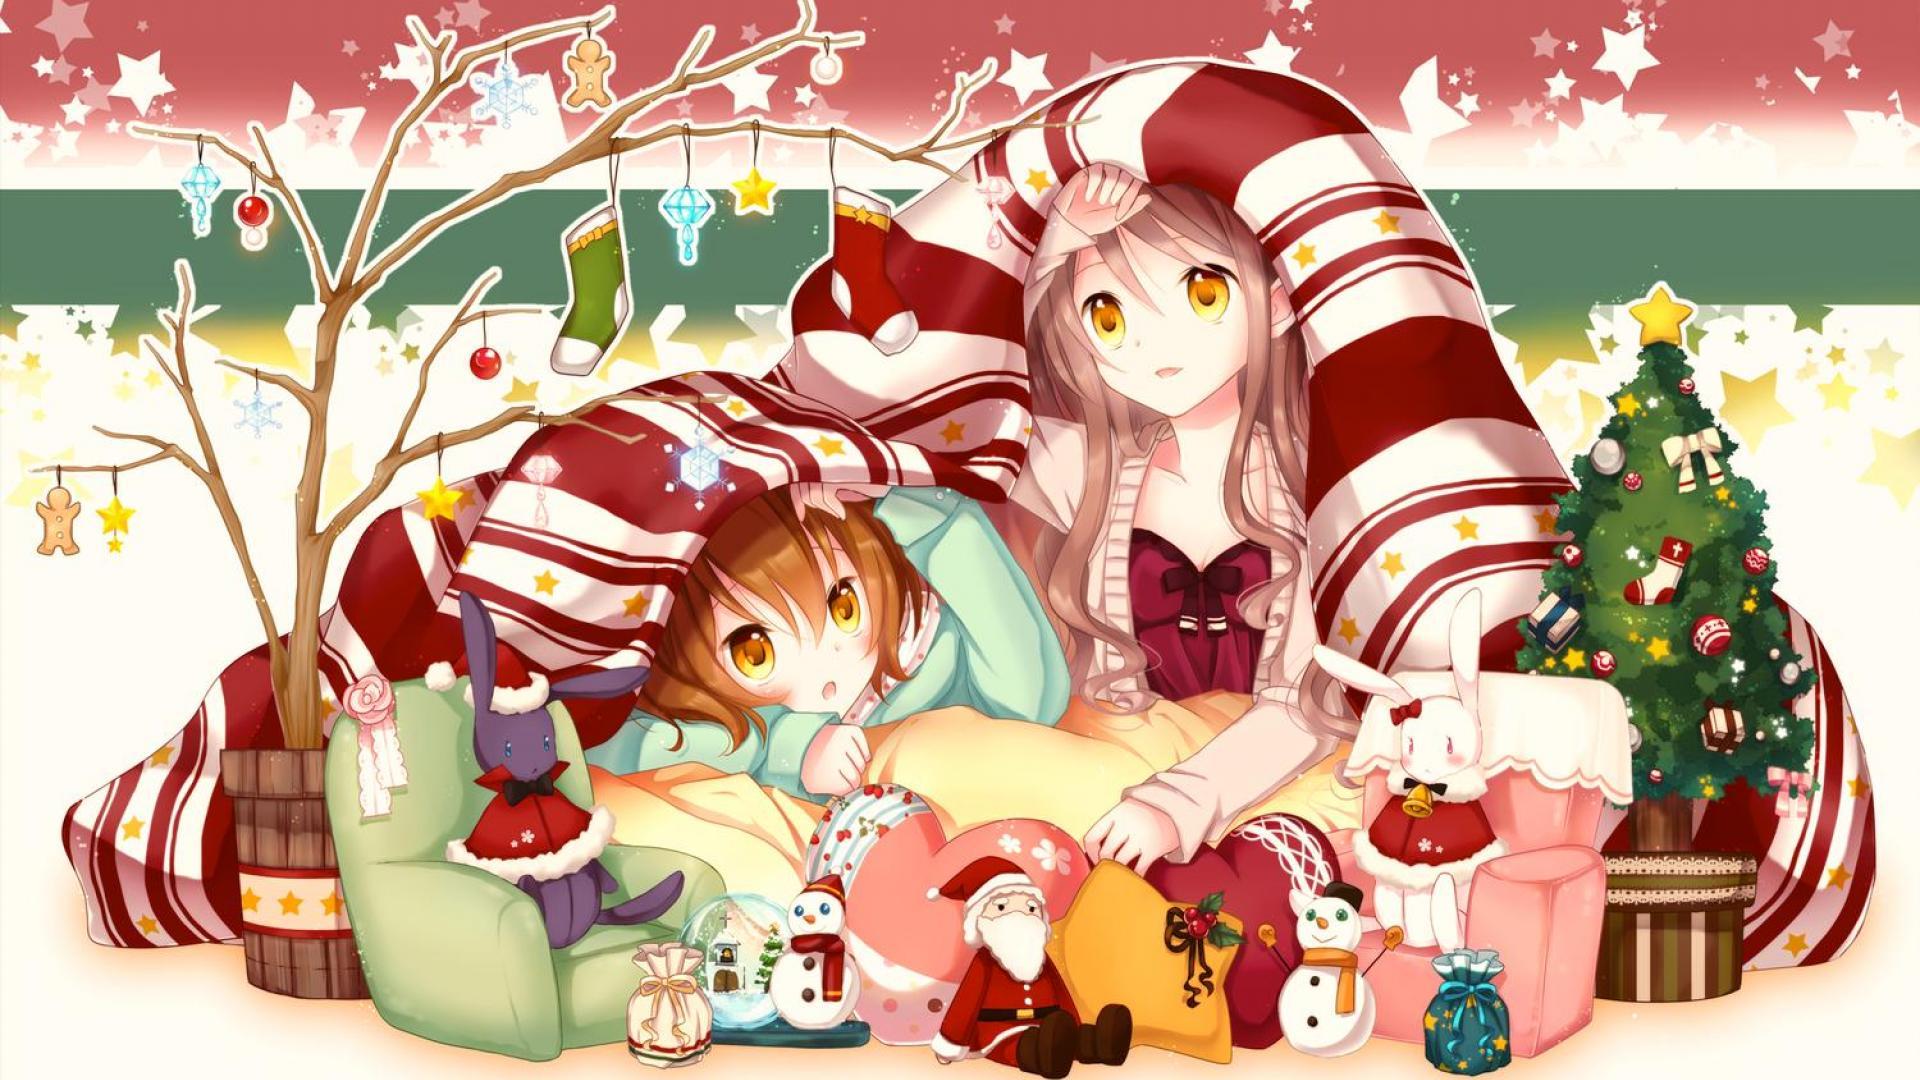 309 3092072 cute anime girl christmas wallpapers hd christmas wallpaper